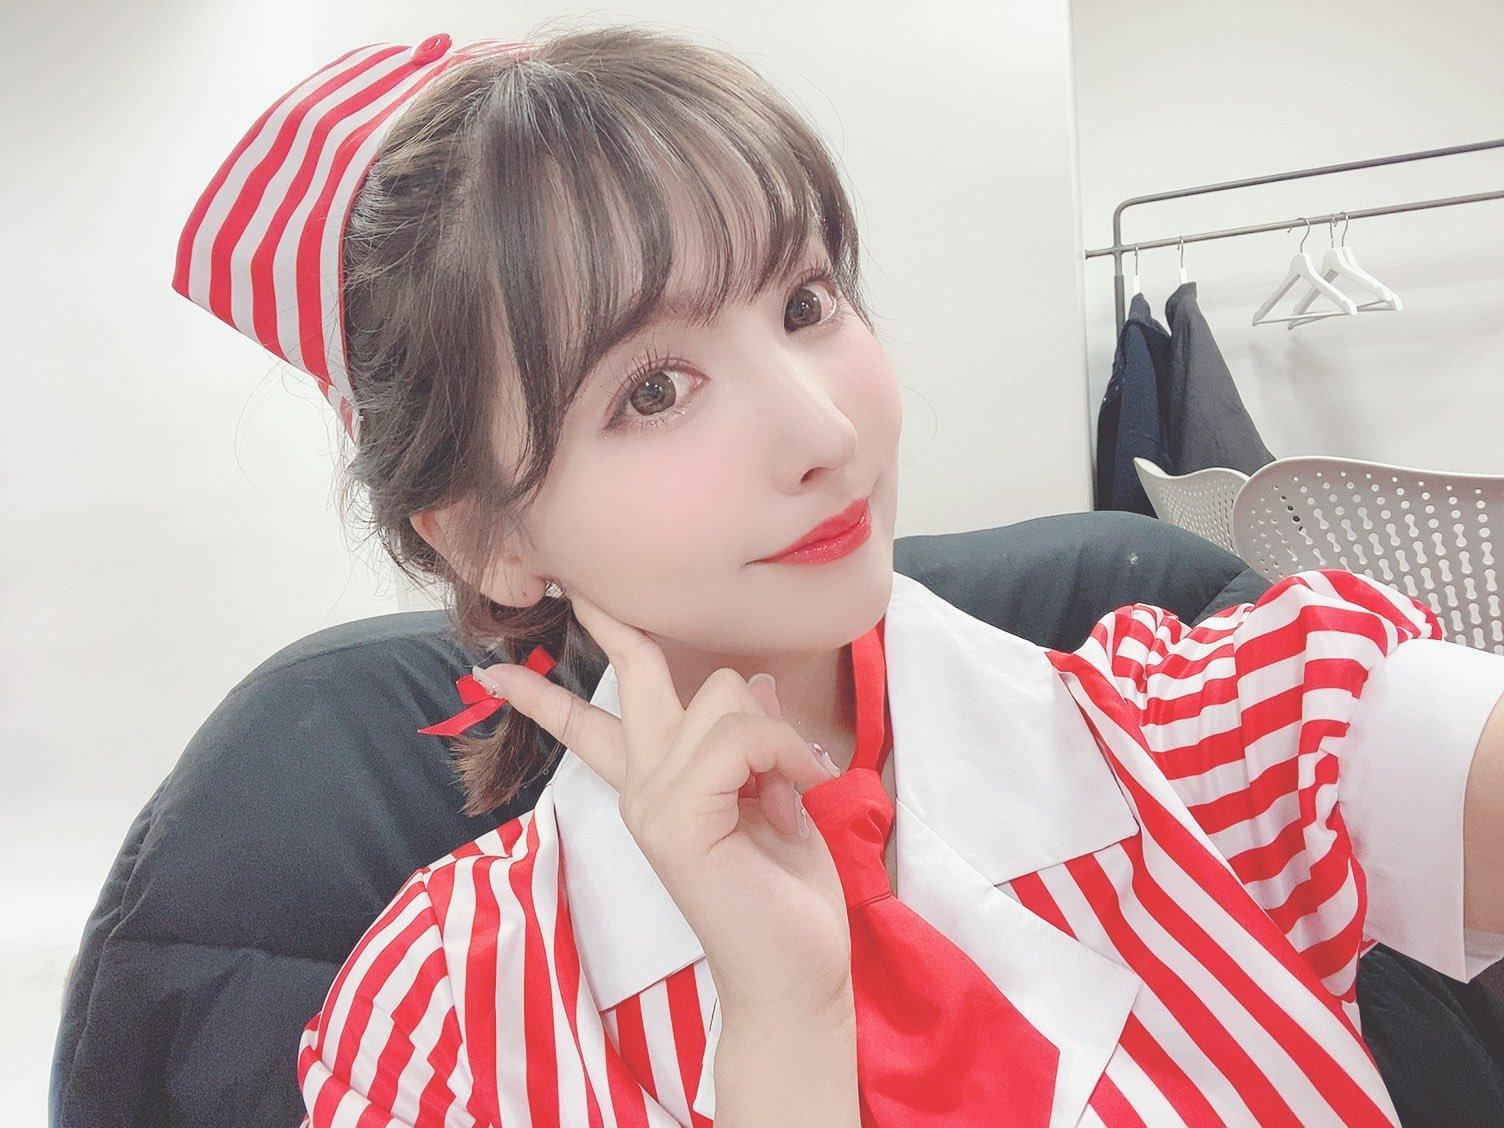 yua_mikami 1244840117883170816_p0